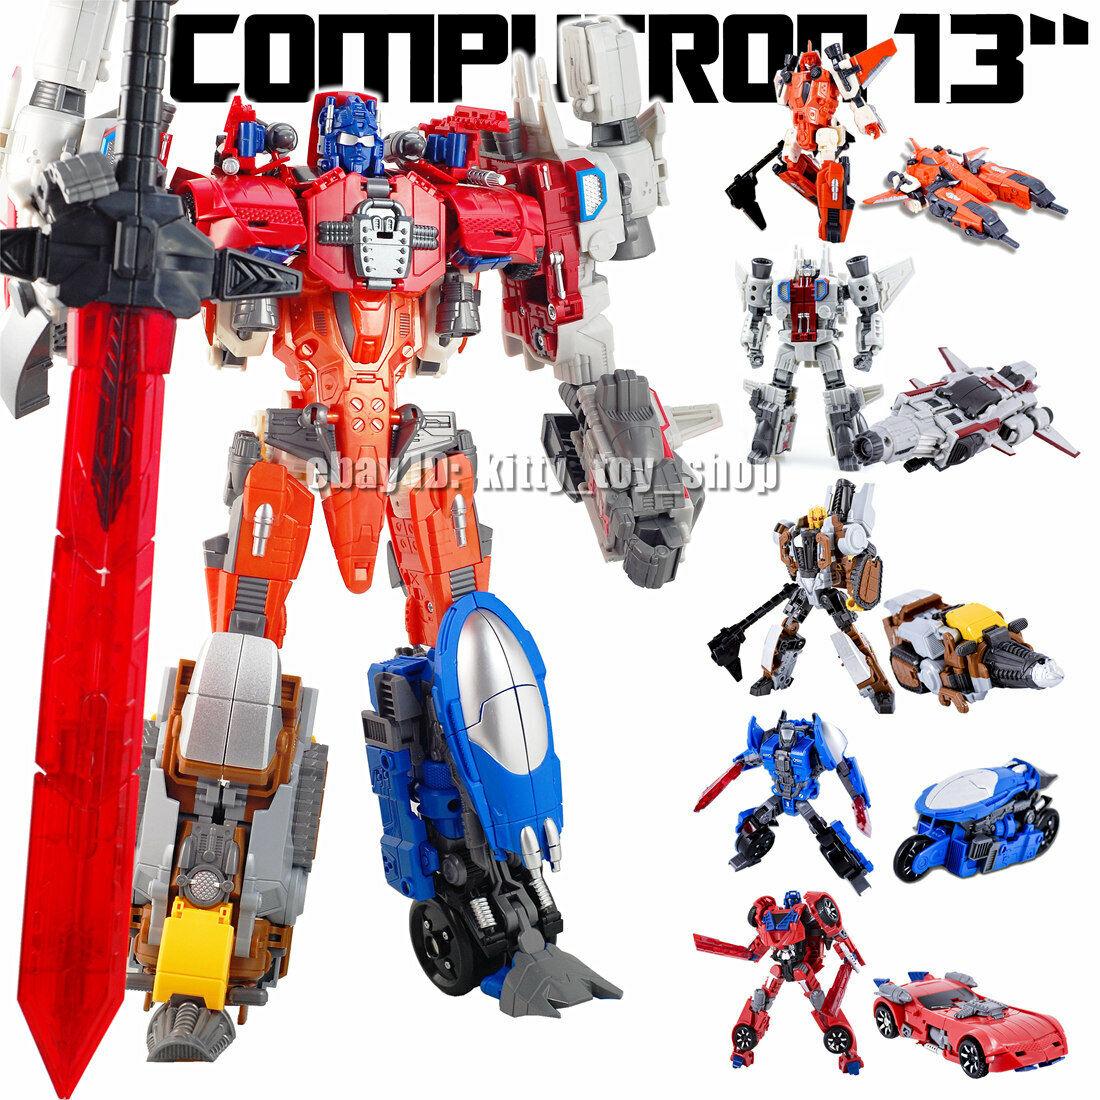 New in stock WJ Transform Computron Wars Robots 6 in 1 Combiner Action Figure